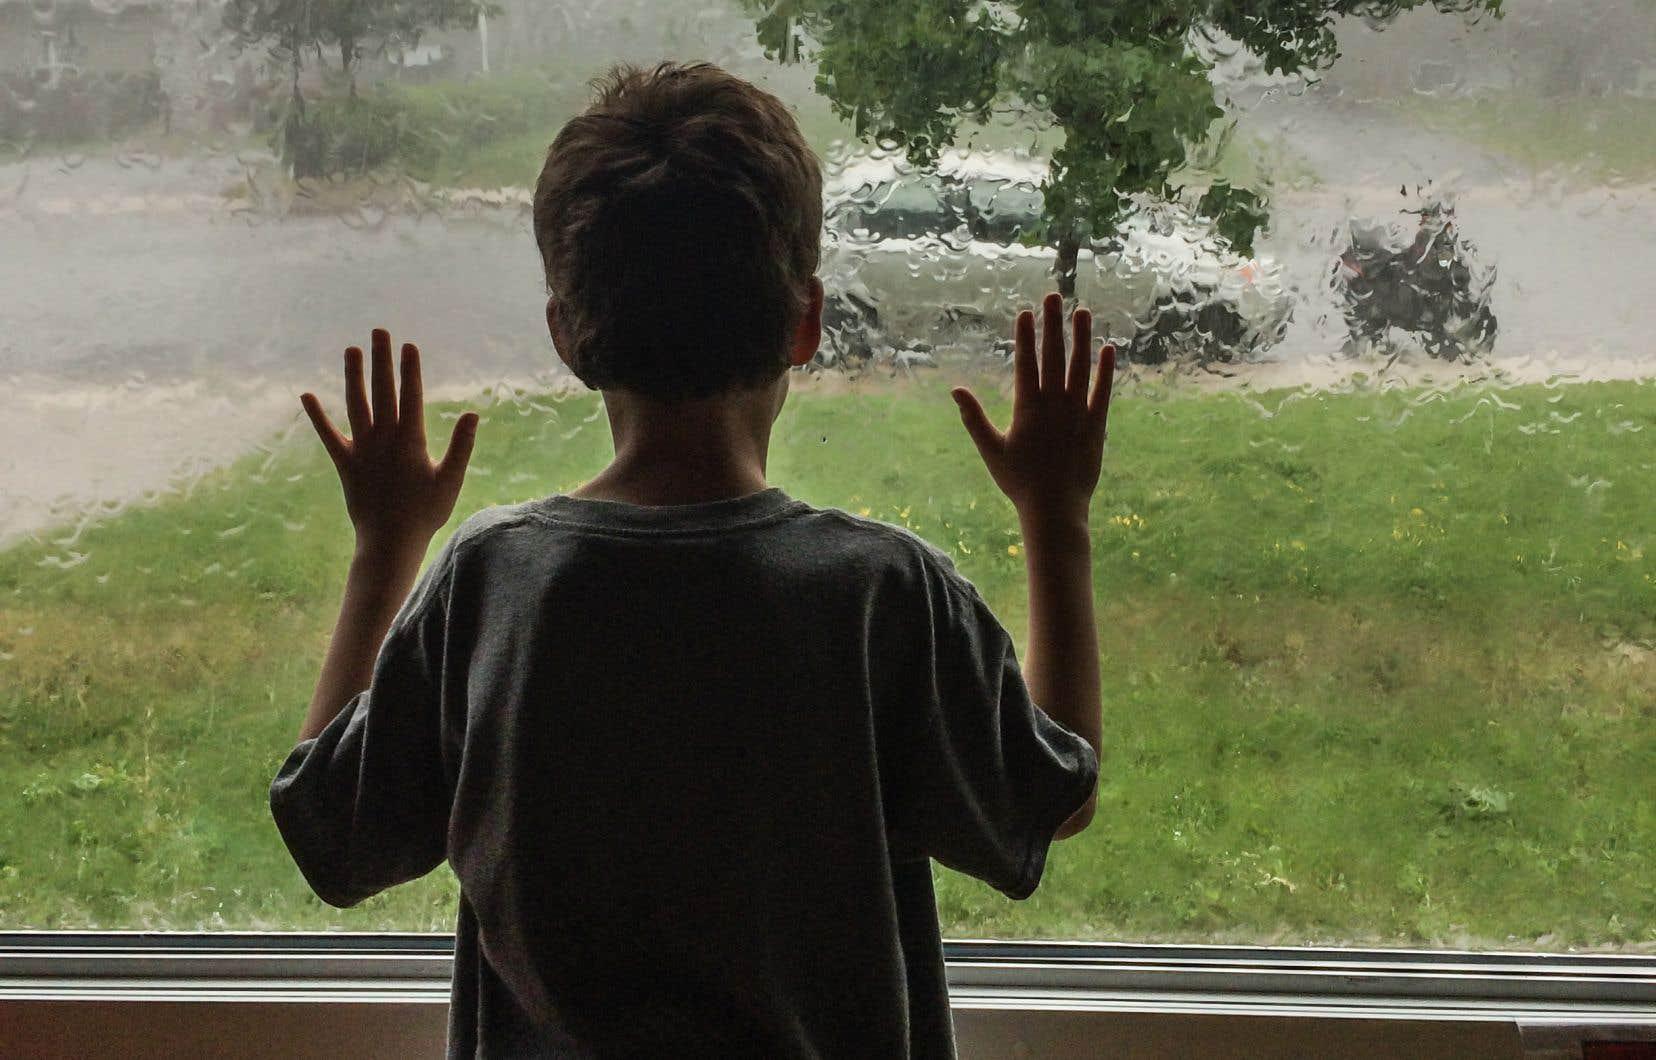 À Montréal, un enfant autiste doit attendre en moyenne 637 jours — plus d'un an et demi — pour obtenir des services de réadaptation.